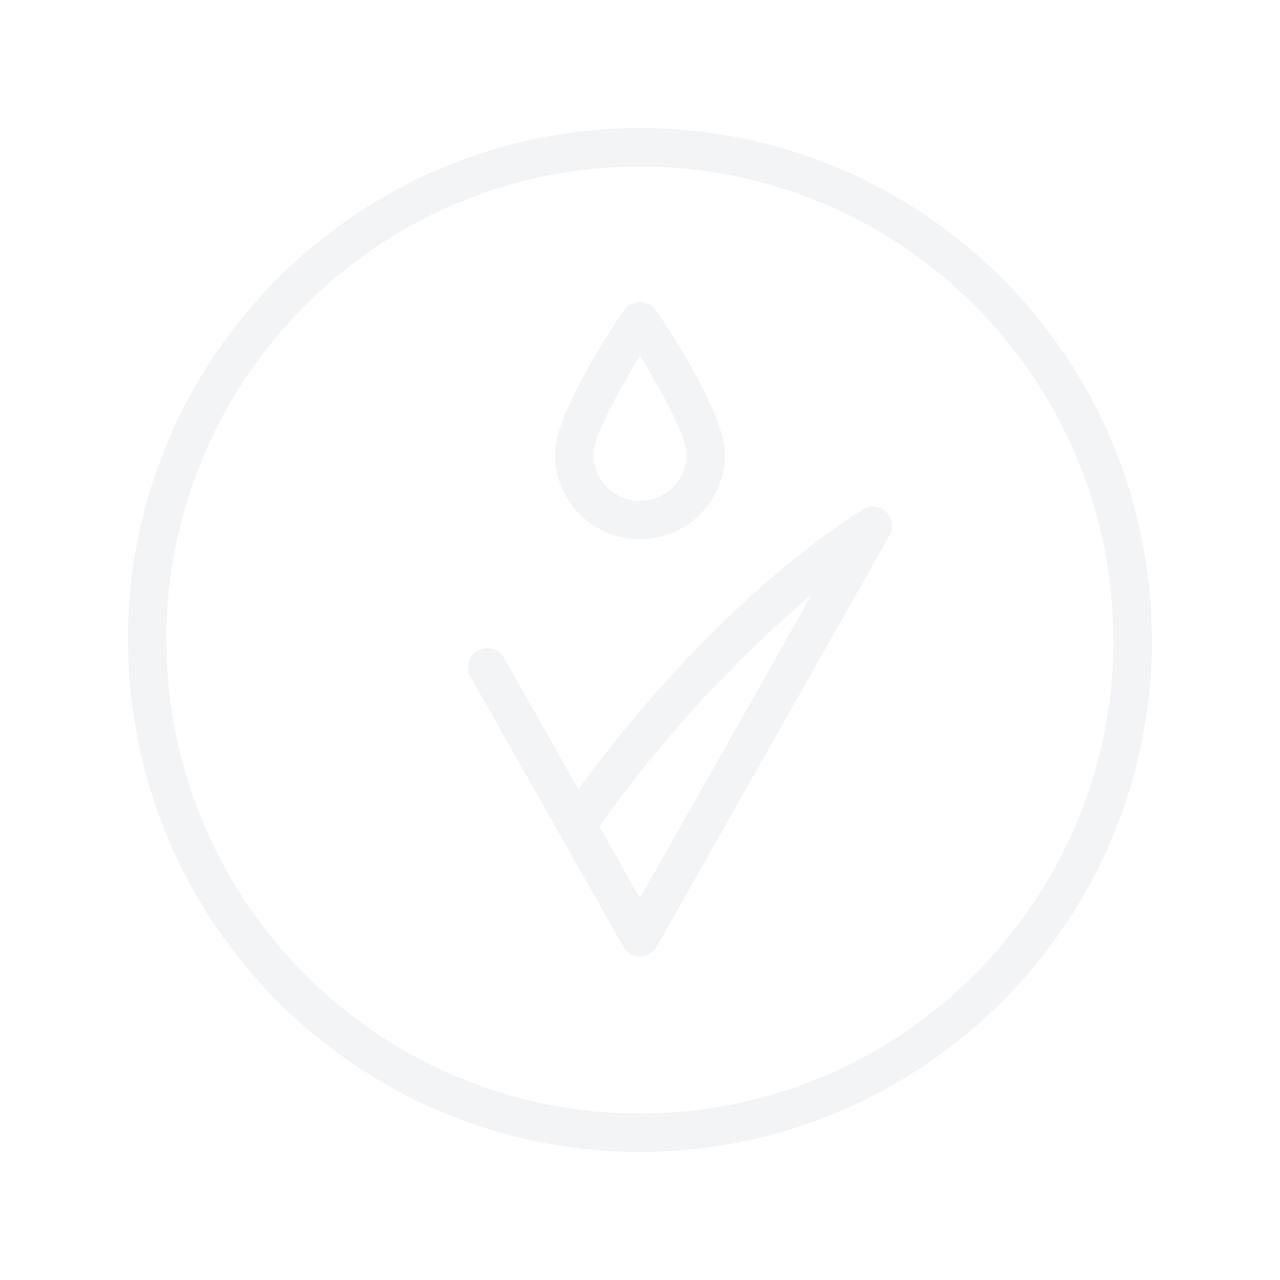 Eau Rabanne Million Gift Lady 50ml Set De Paco Parfum exorBdCQW